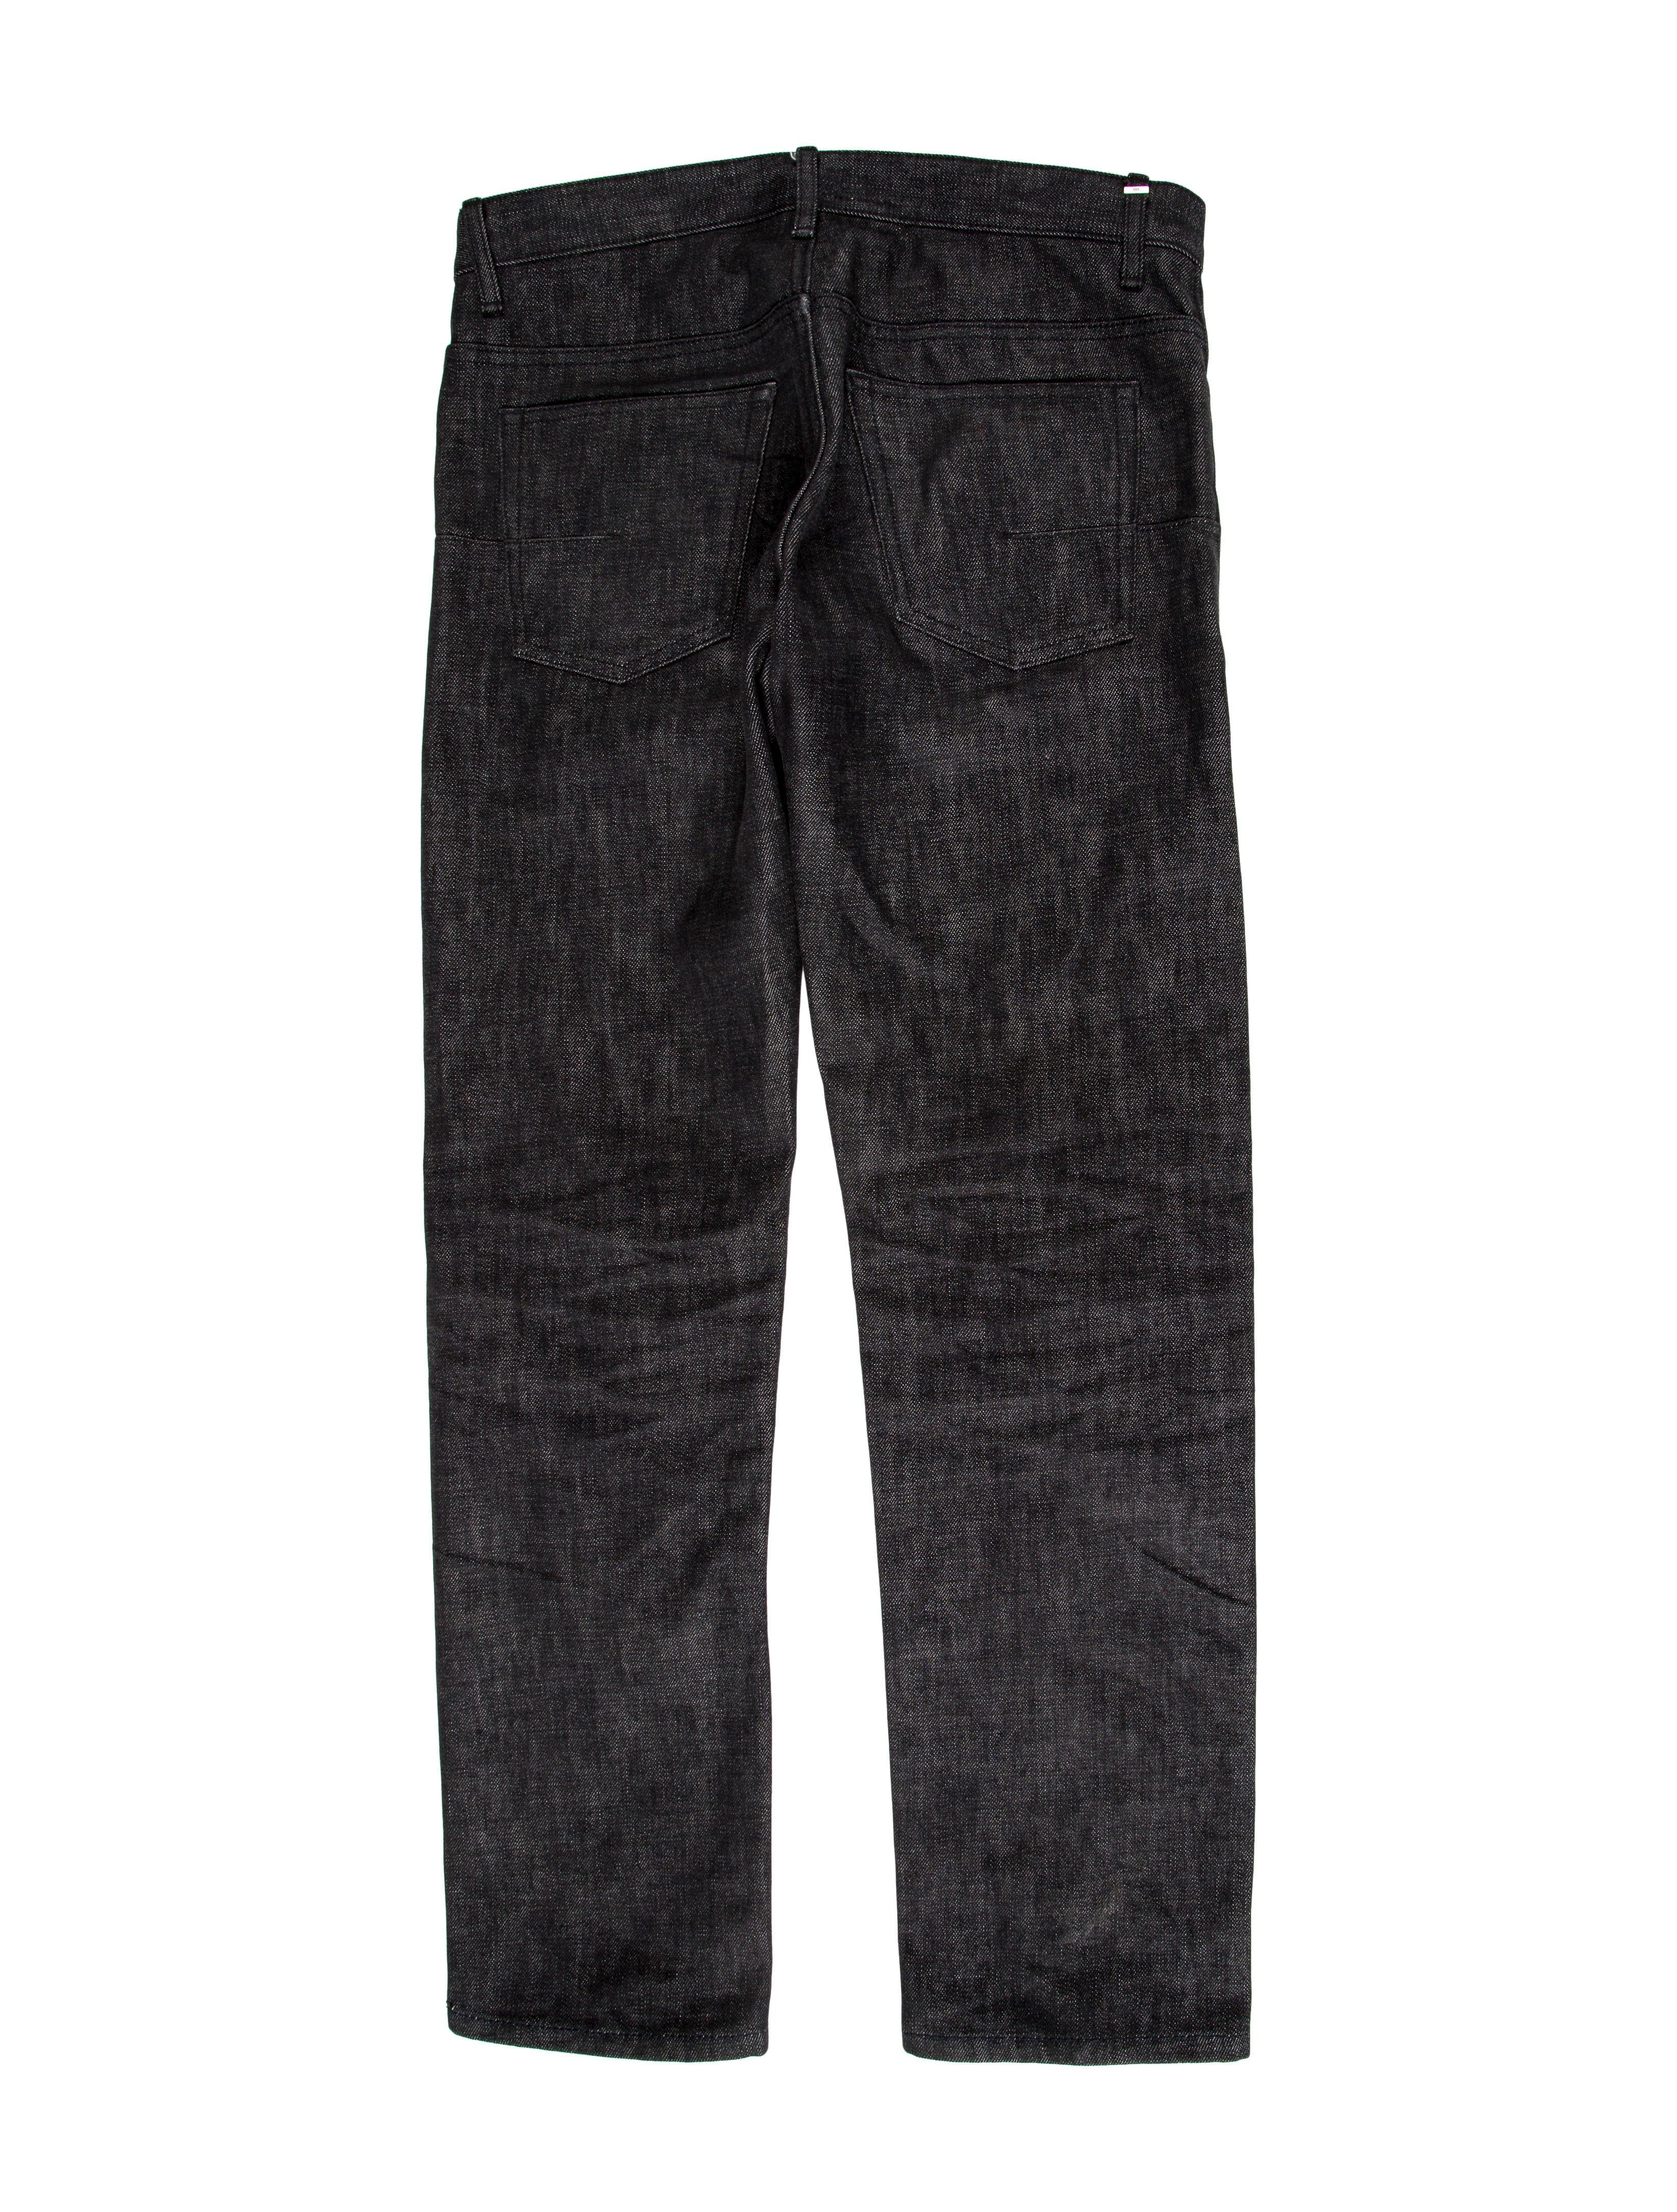 dior homme five pocket skinny jeans clothing hmm22926 the realreal. Black Bedroom Furniture Sets. Home Design Ideas